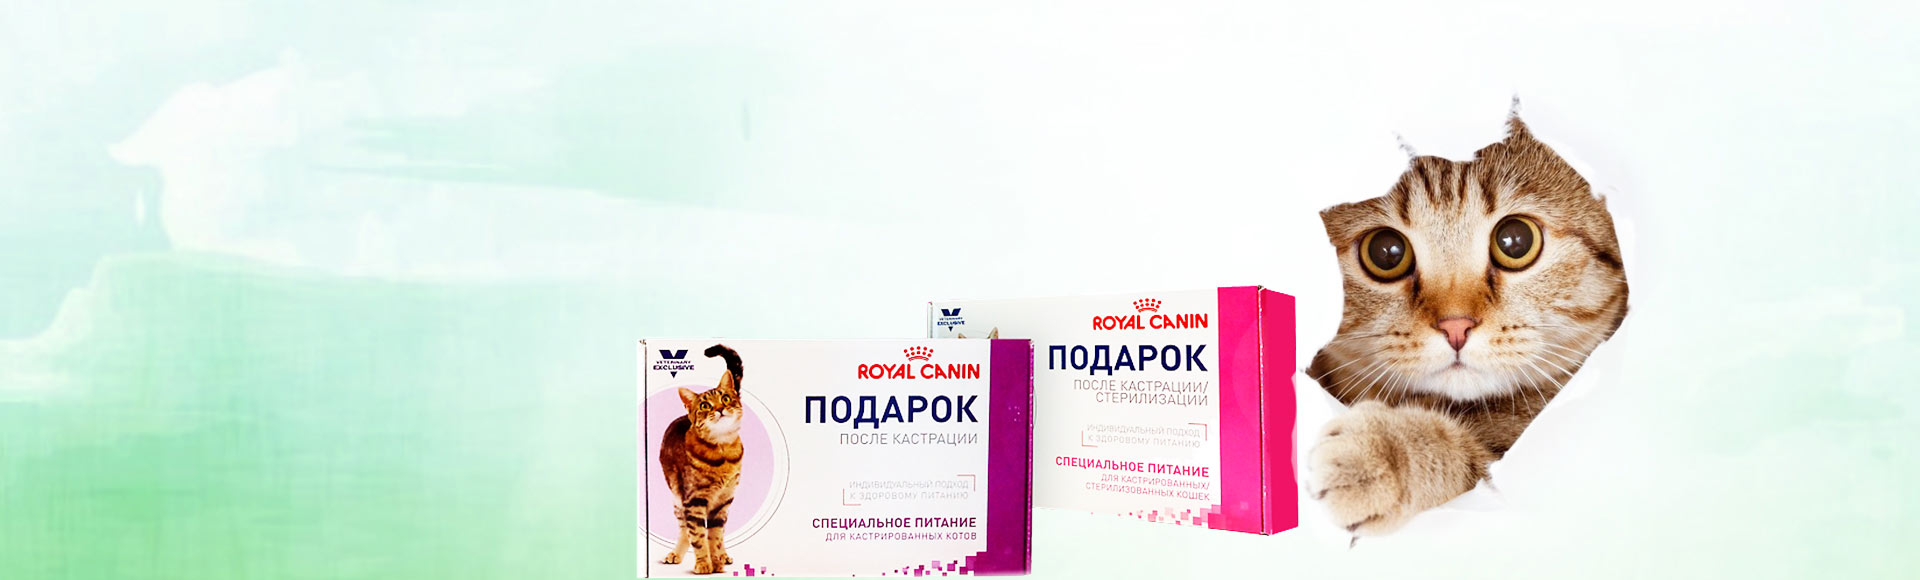 Подарок для питомца после стерилизации или кастрации